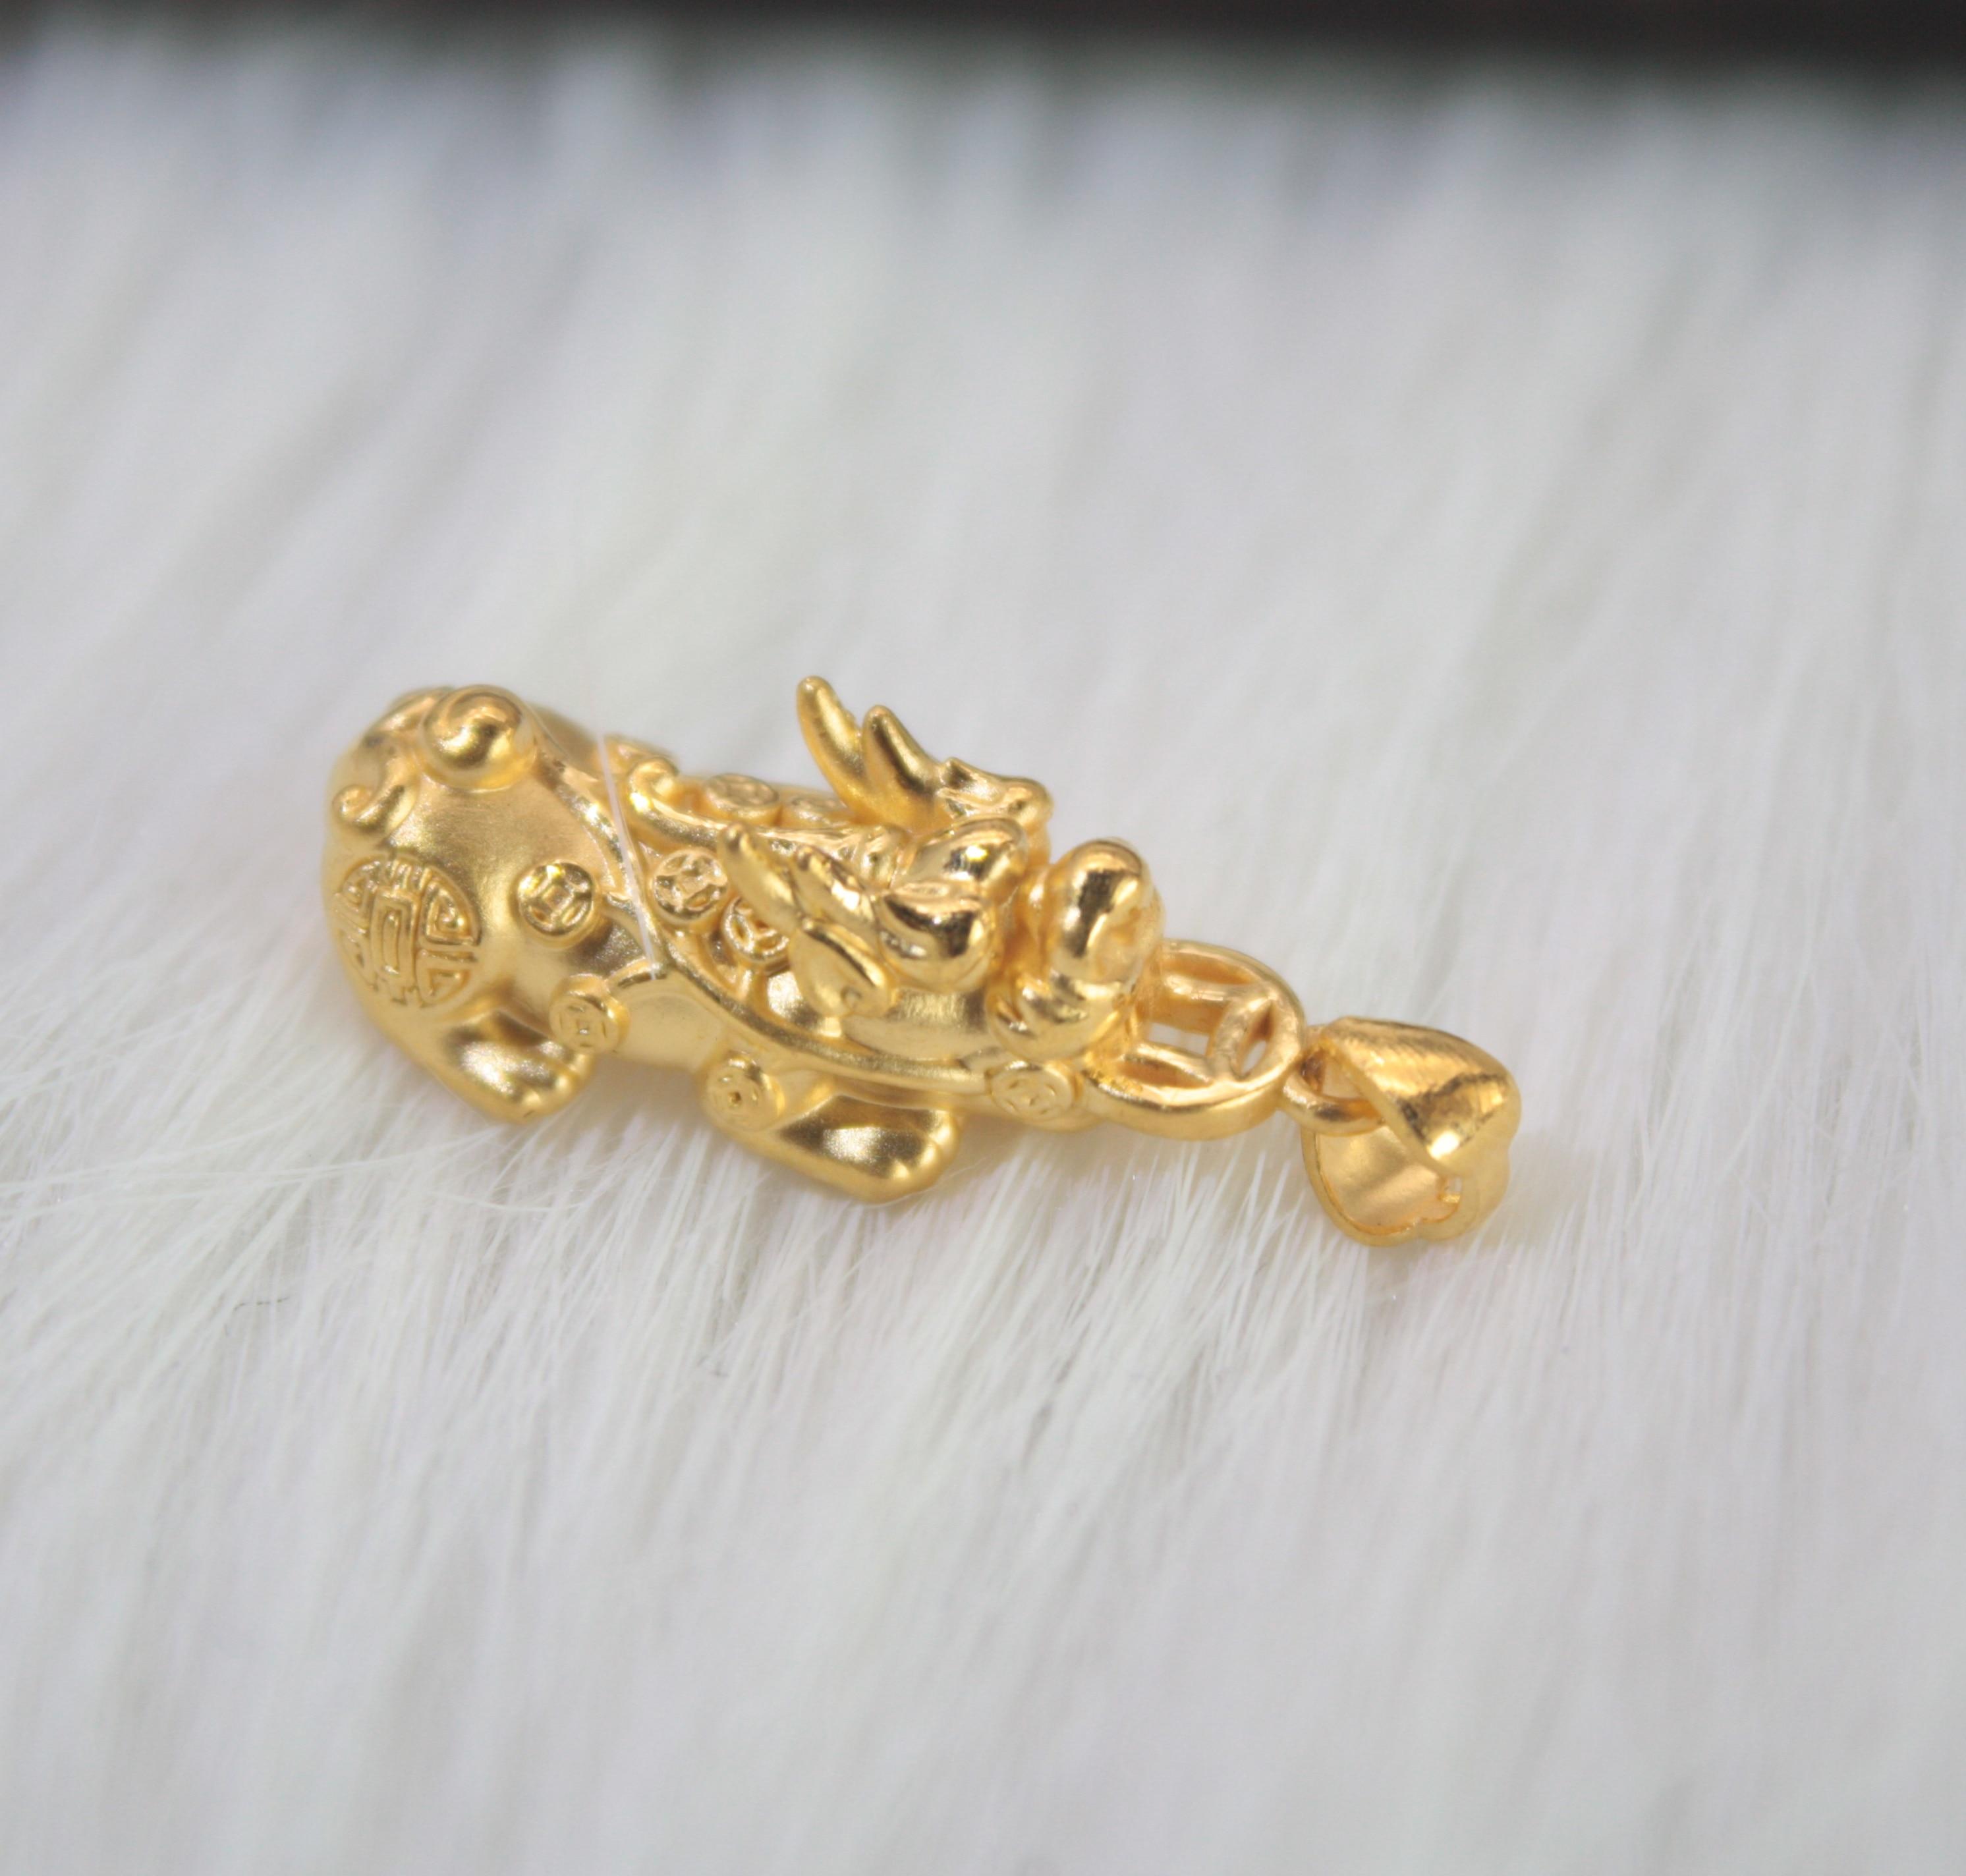 Nouveau réel 999 24 k or jaune 3D unisexe chance Dragon perle pendentif 2.5-3g 25x12mm